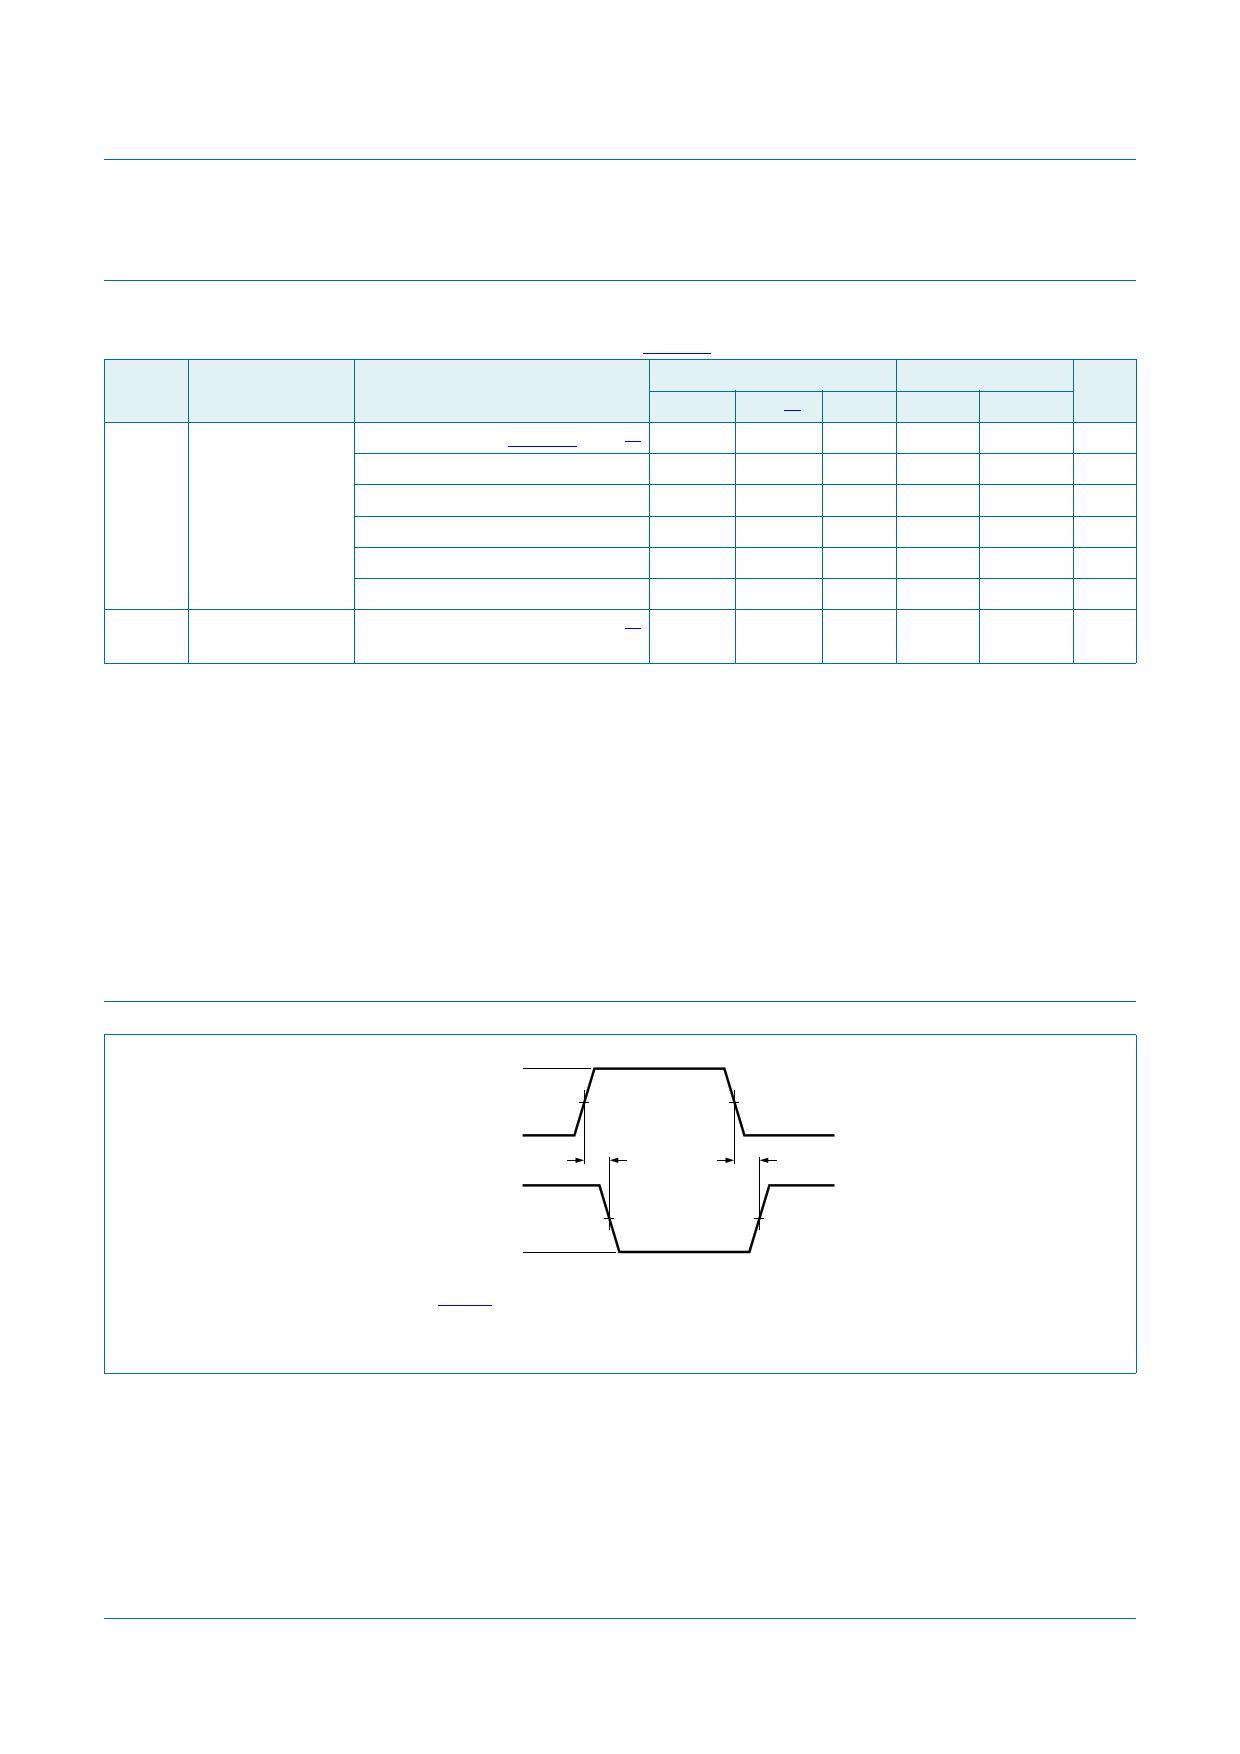 74LVC2G00-Q100 pdf